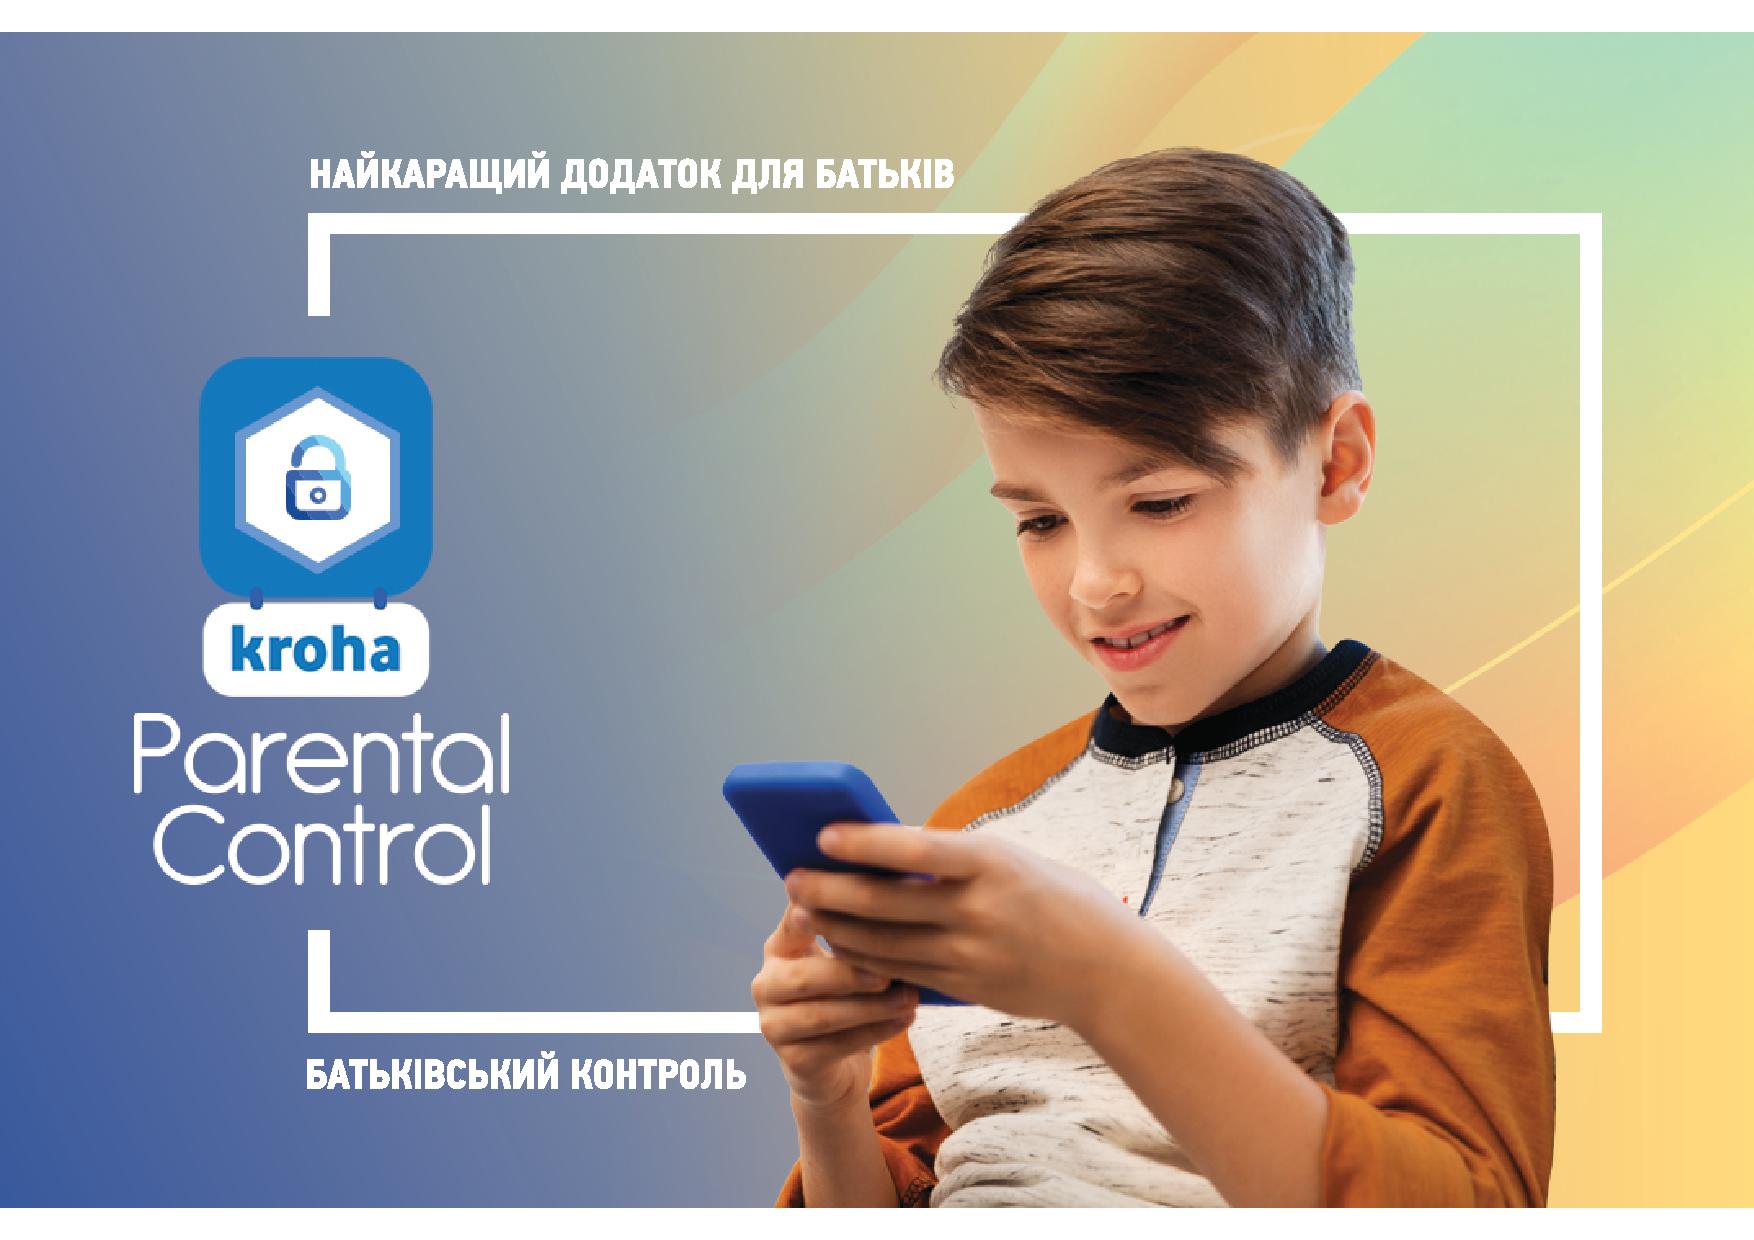 Parental control Термін дії 3 місяці для 5 пристроїв